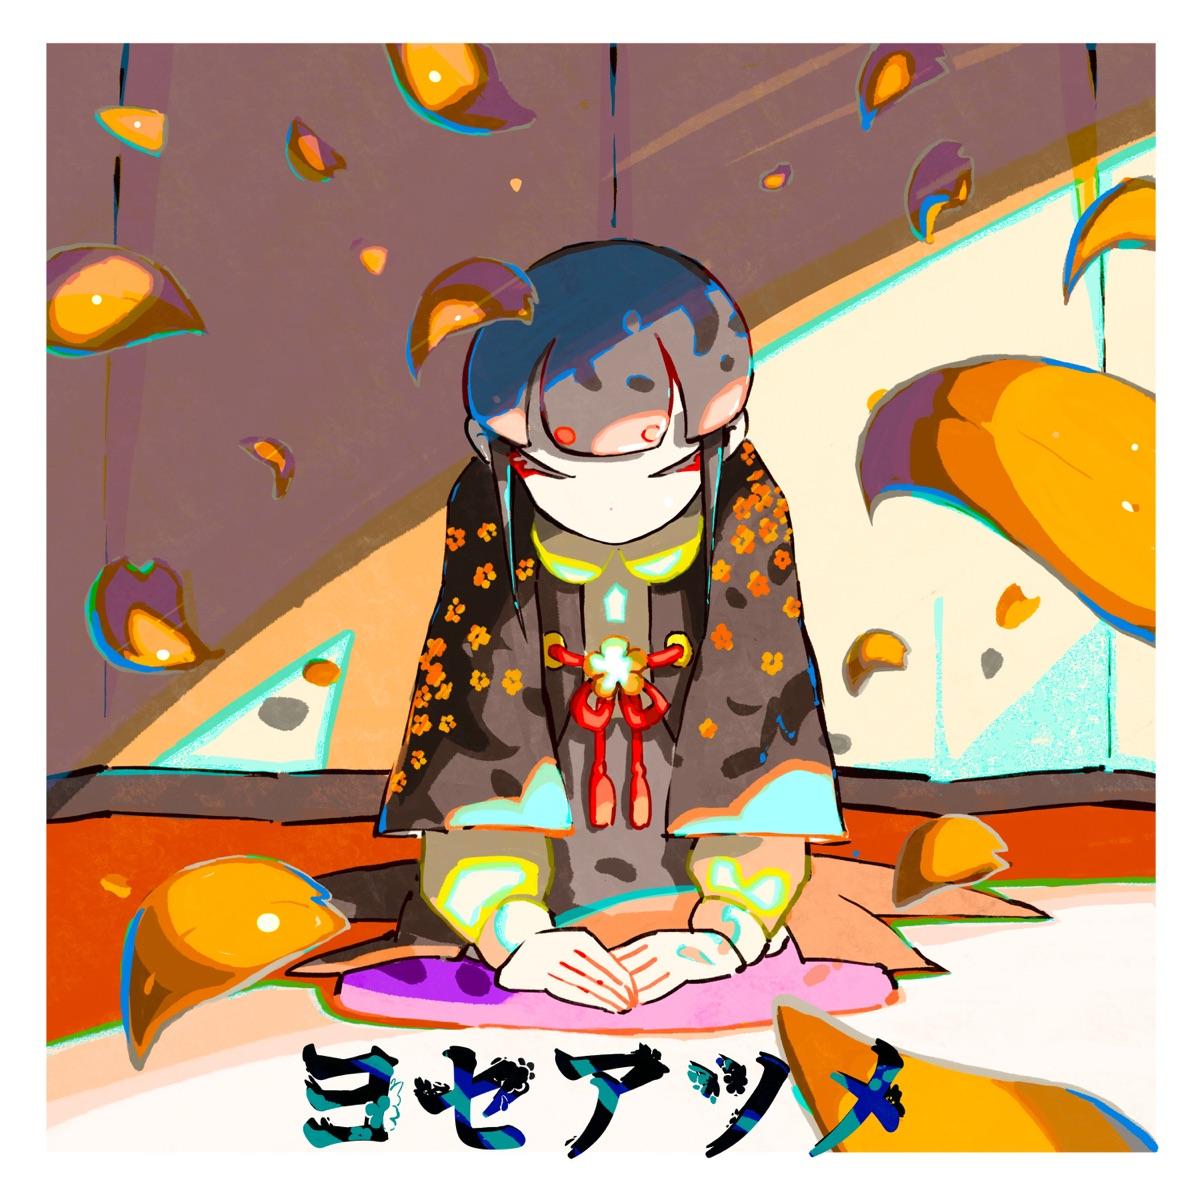 『和ぬか - ヨセアツメ』収録の『ヨセアツメ』ジャケット